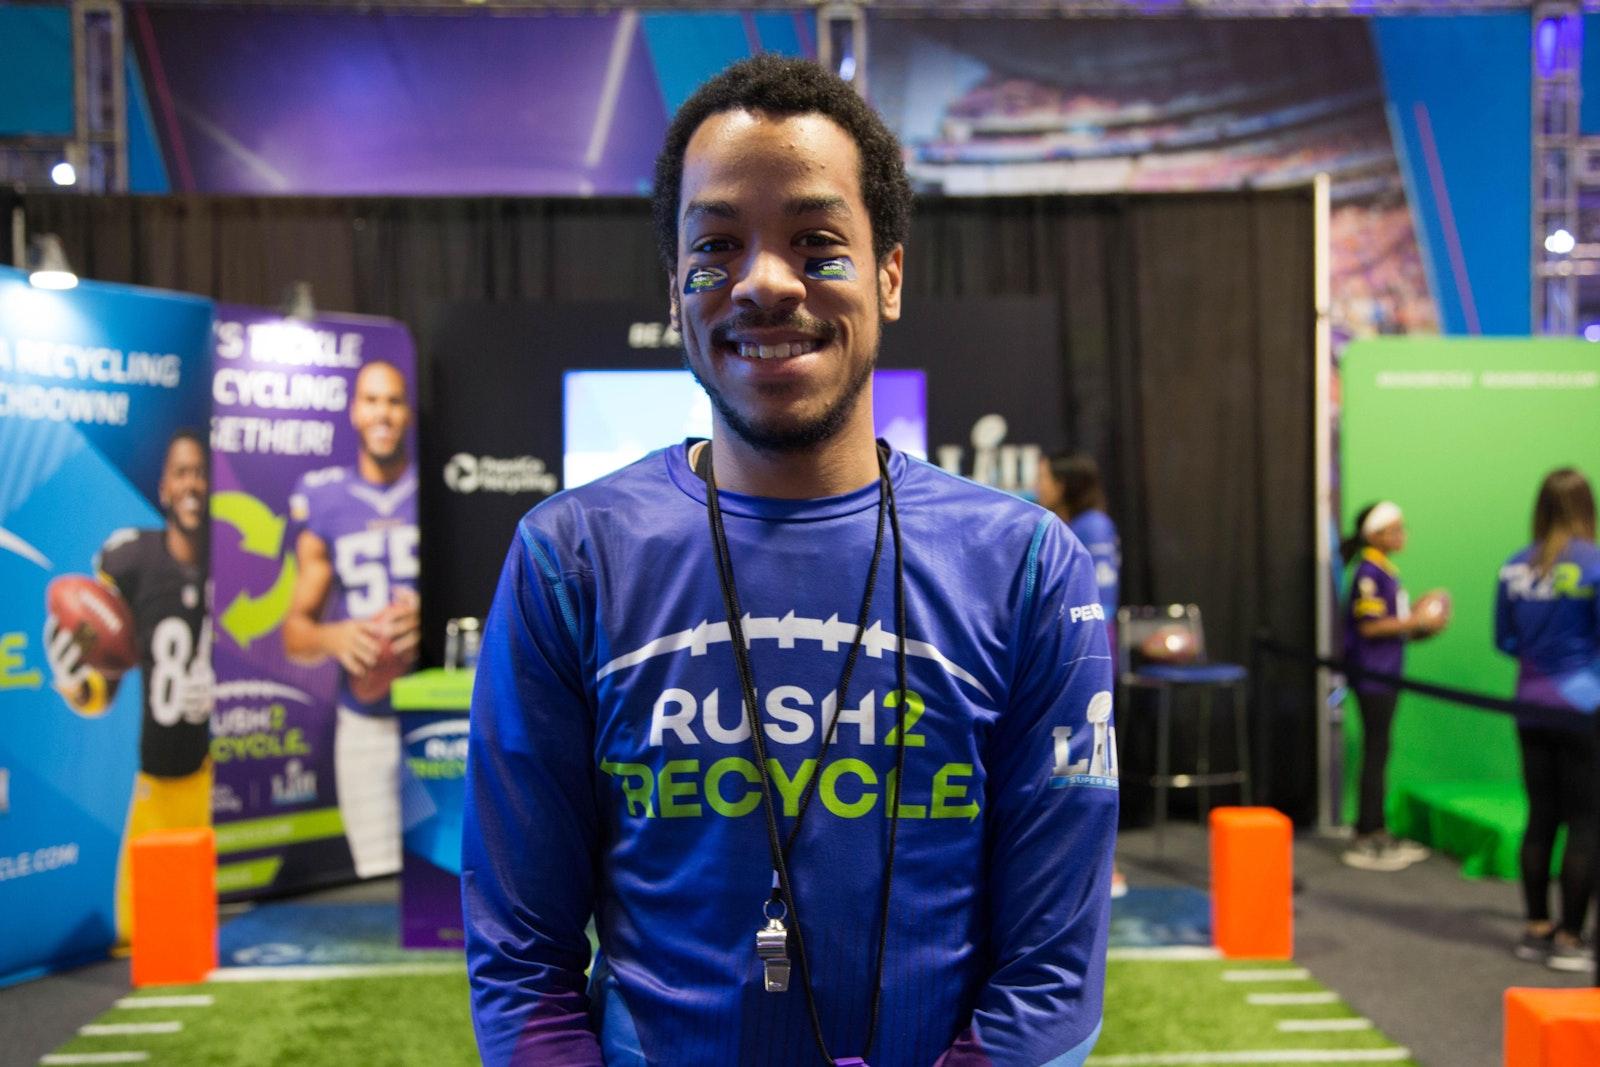 Rush2 Recycle Shirt